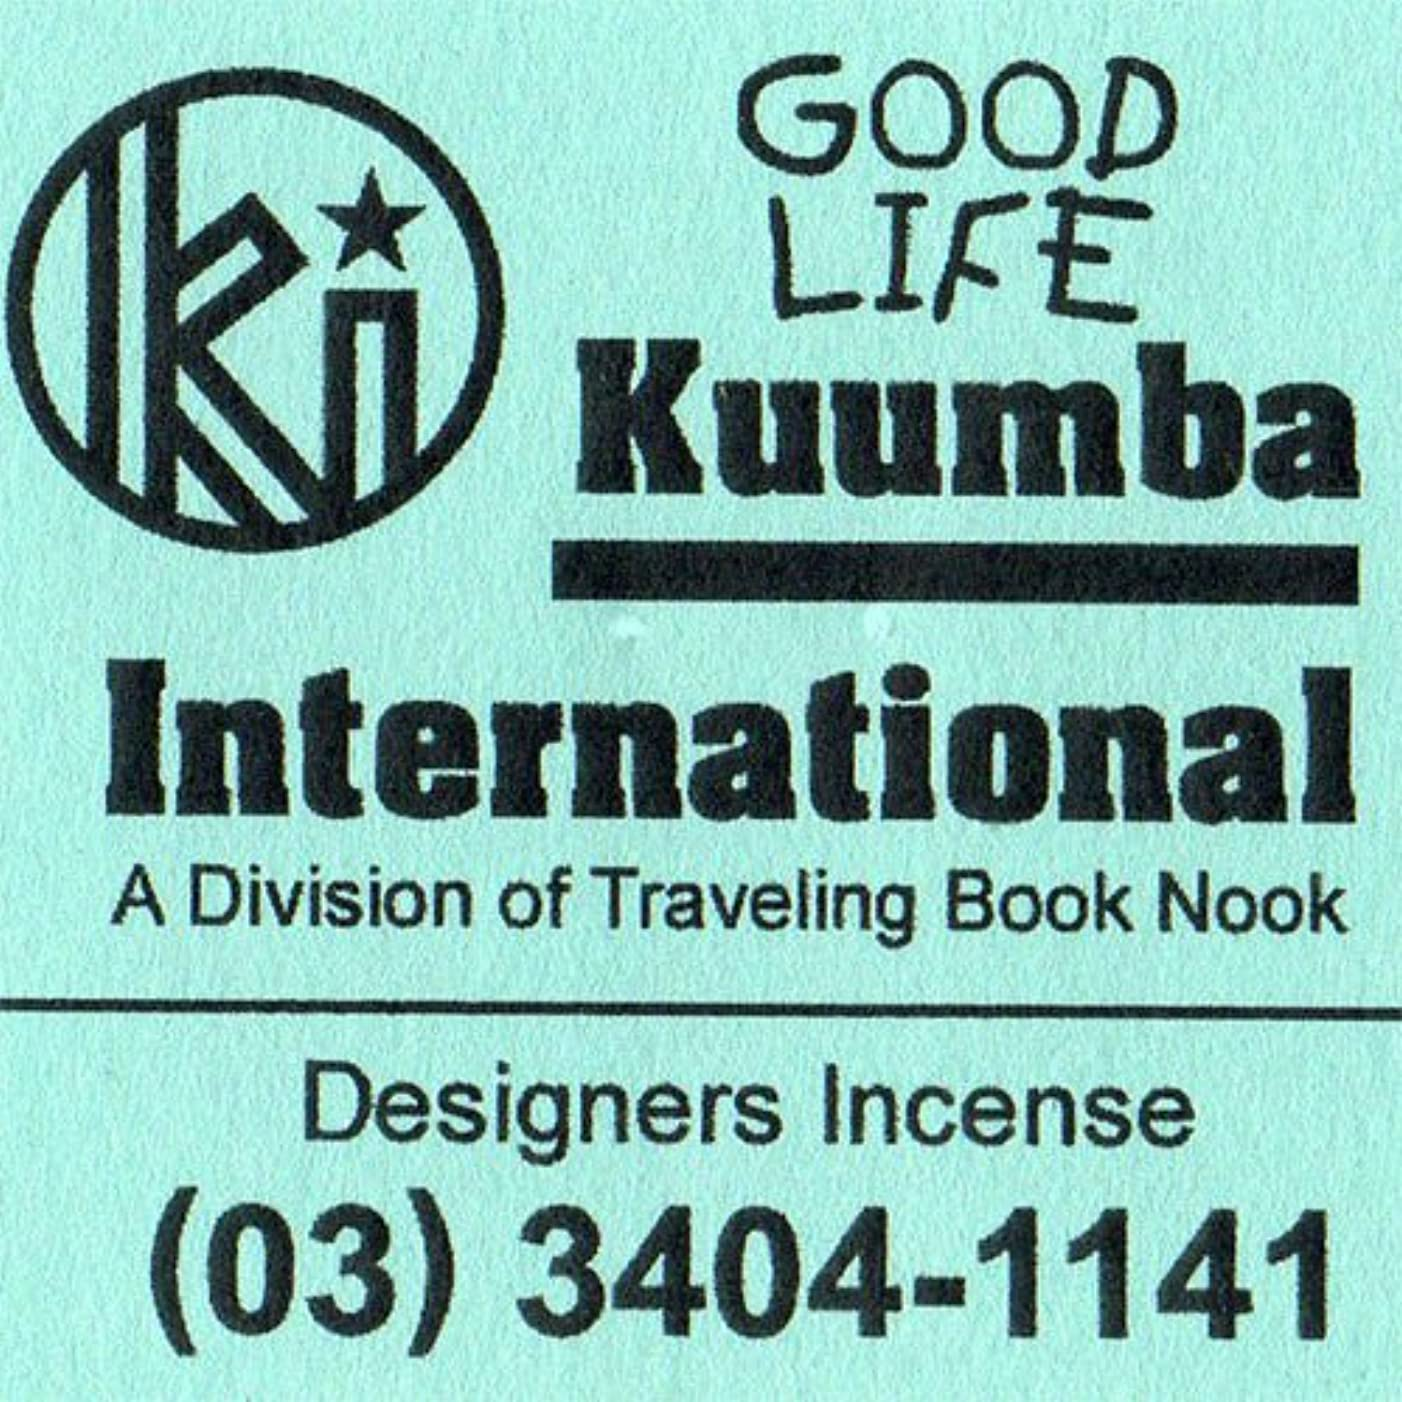 ピボット取り戻す無秩序KUUMBA / クンバ『incense』(GOOD LIFE) (Regular size)